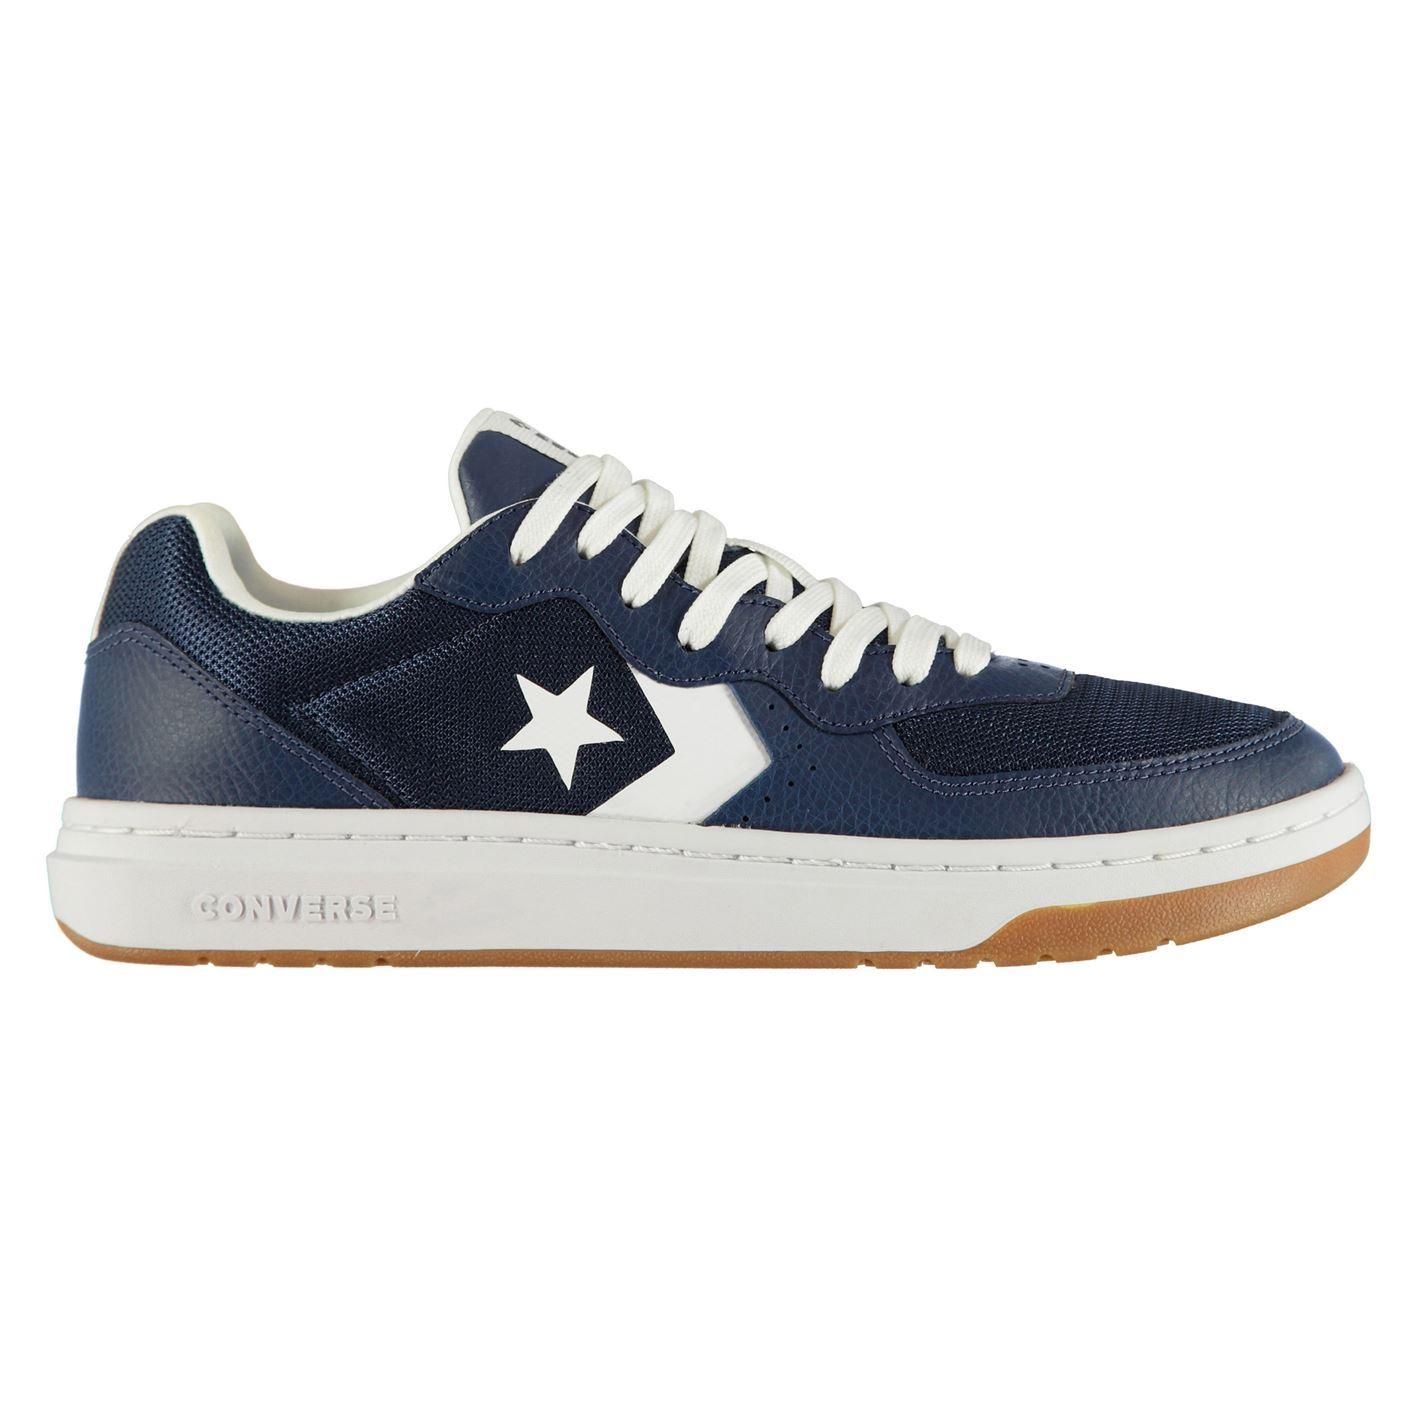 Converse-Rival-Baskets-Pour-Homme-Chaussures-De-Loisirs-Chaussures-Baskets miniature 15